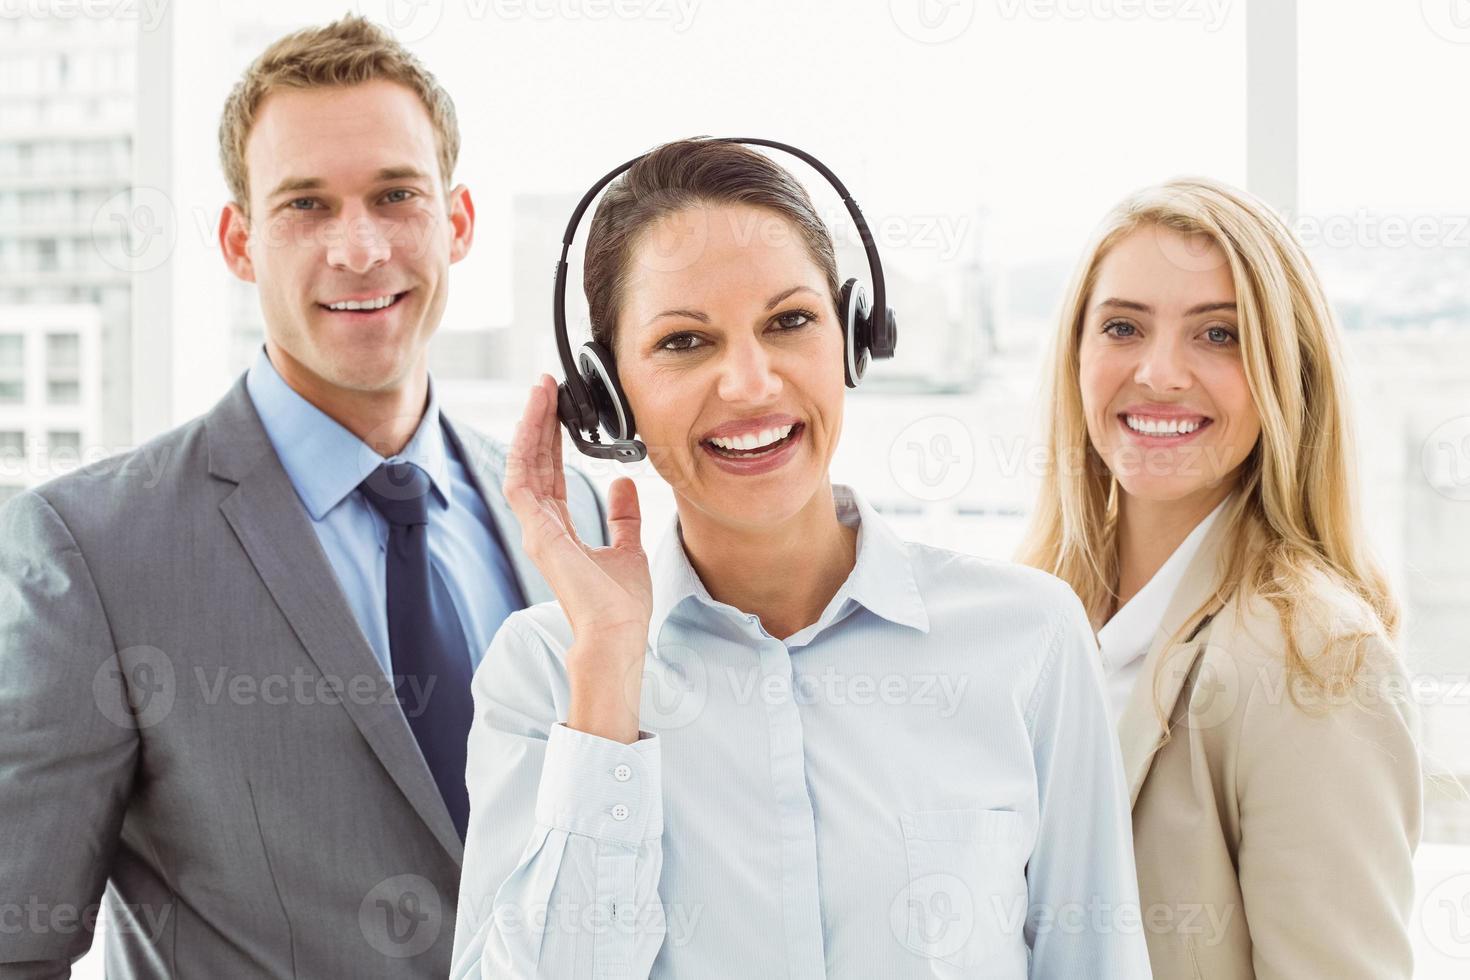 felizes jovens empresários no escritório foto